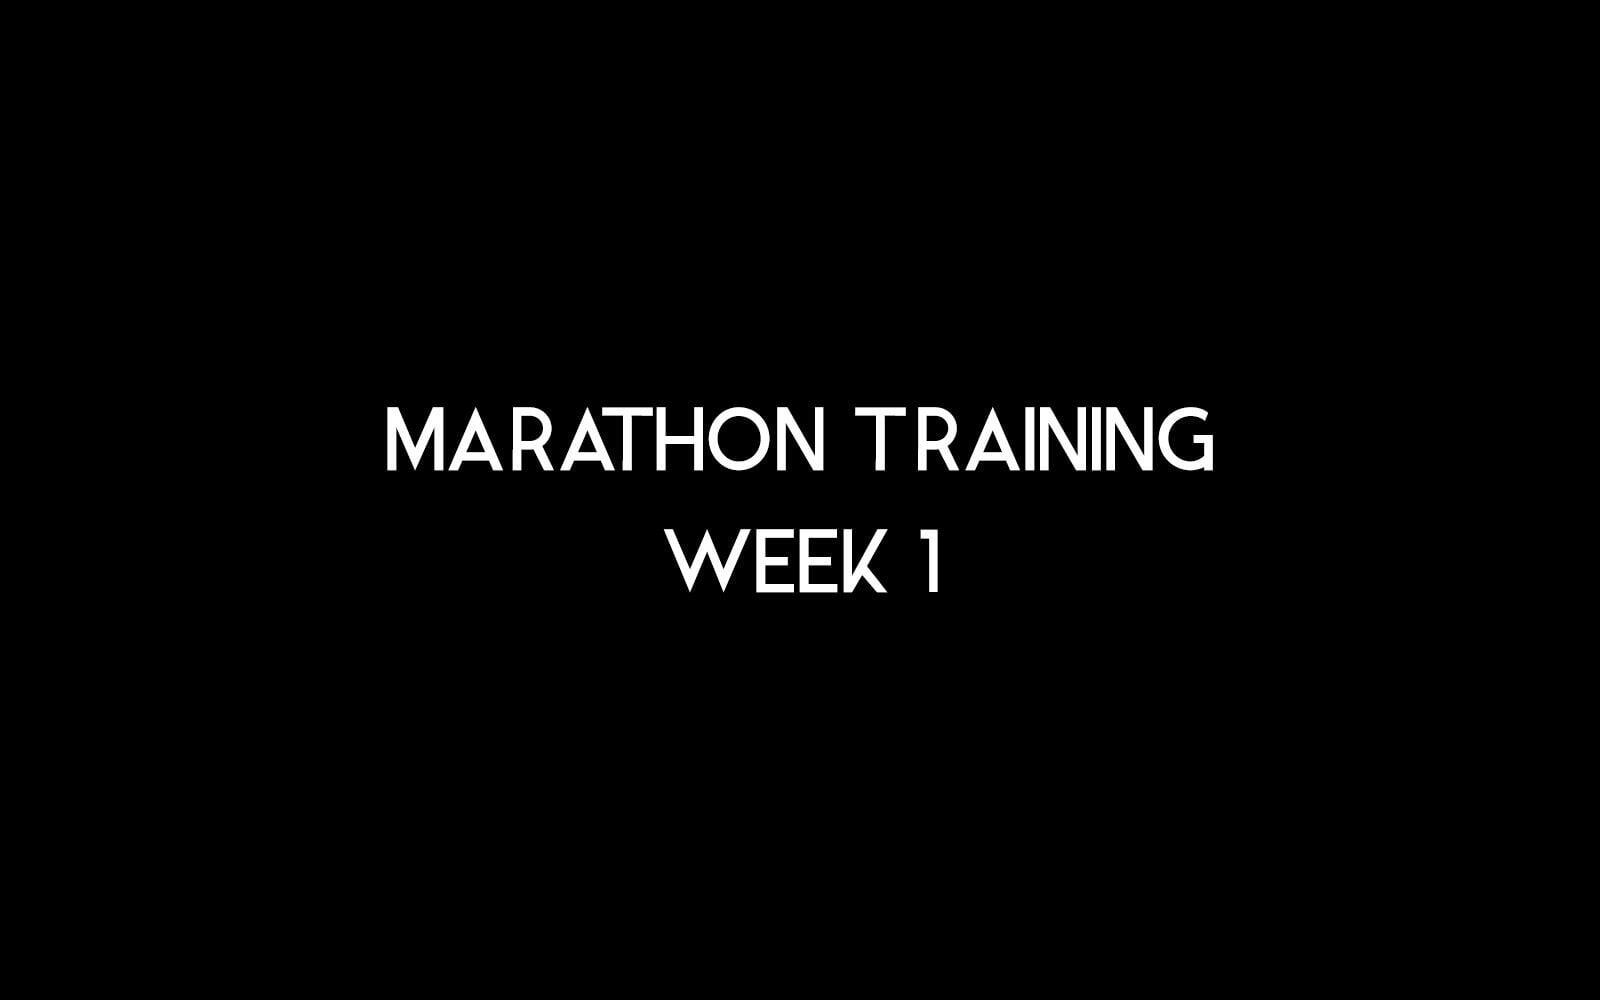 [Tổng kết tuần] Tập đầu tiên tập luyện hướng đến VMM 2017